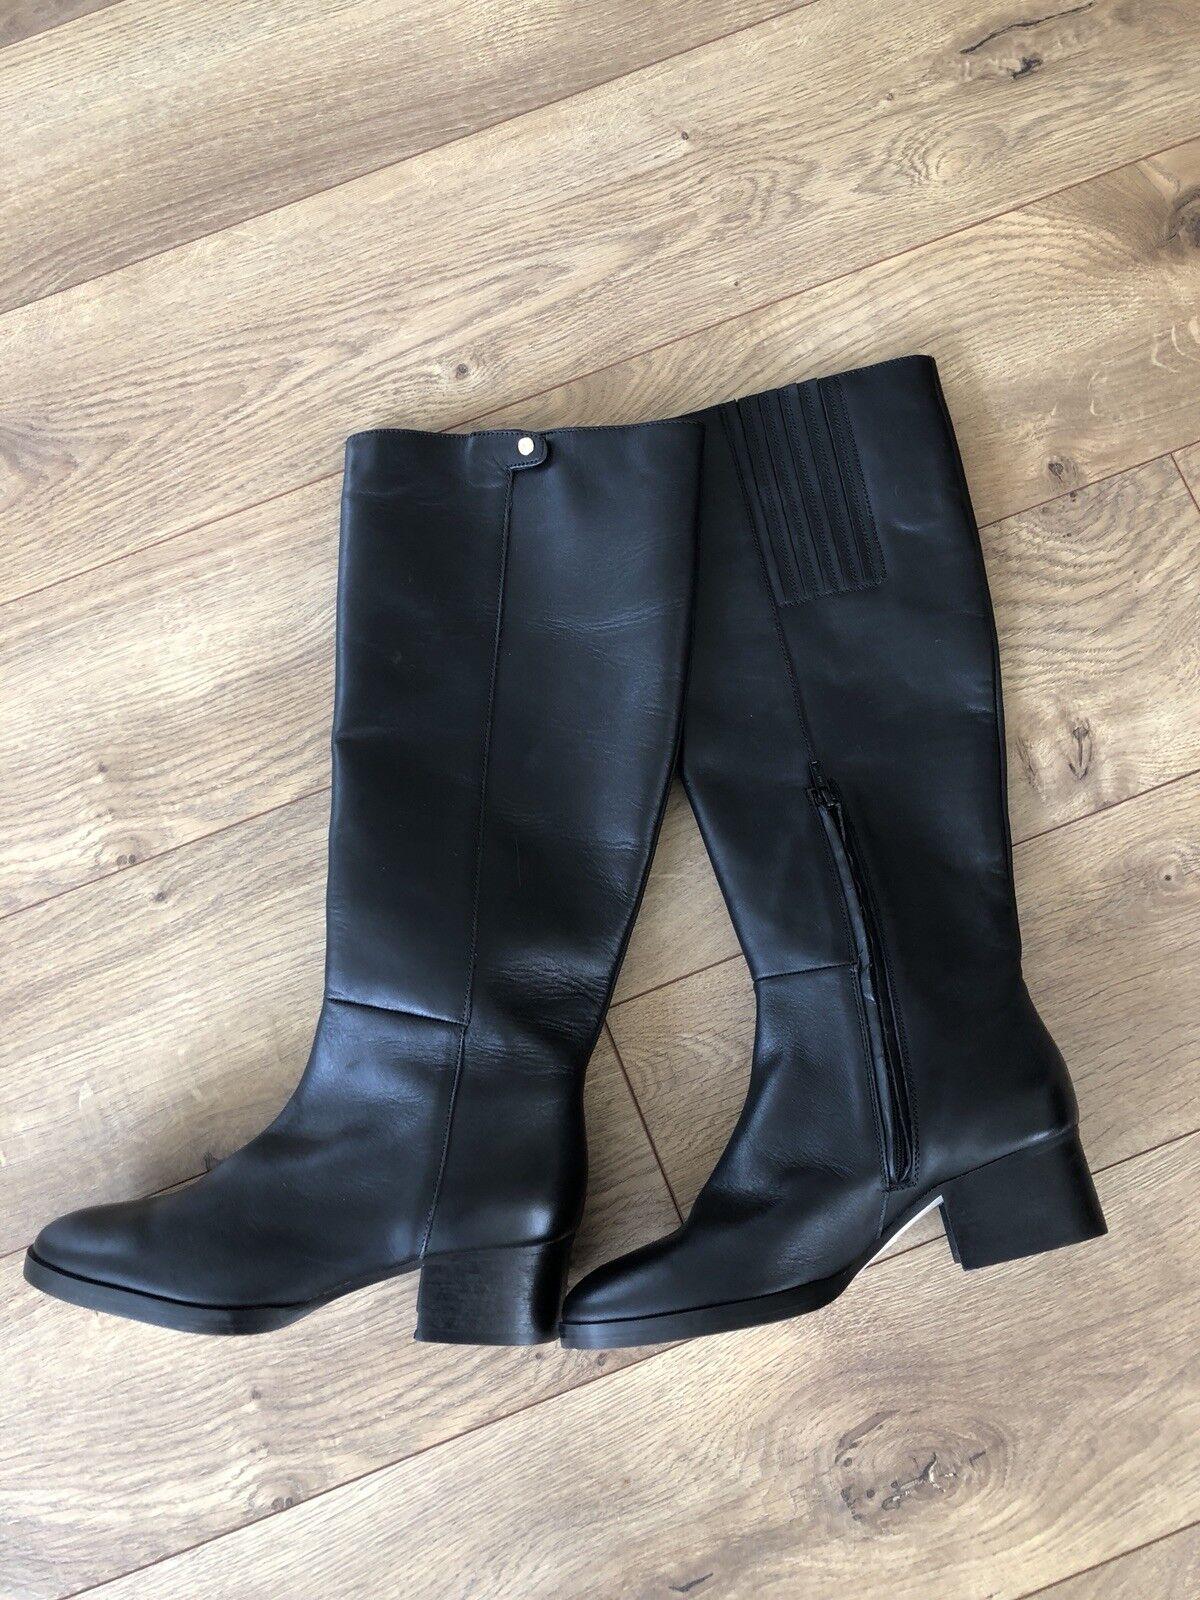 Jcrew  Cuero Rodilla botas Sz 6.5 Negro F6135 Bloque Tacones Zapatos De Invierno Nuevo